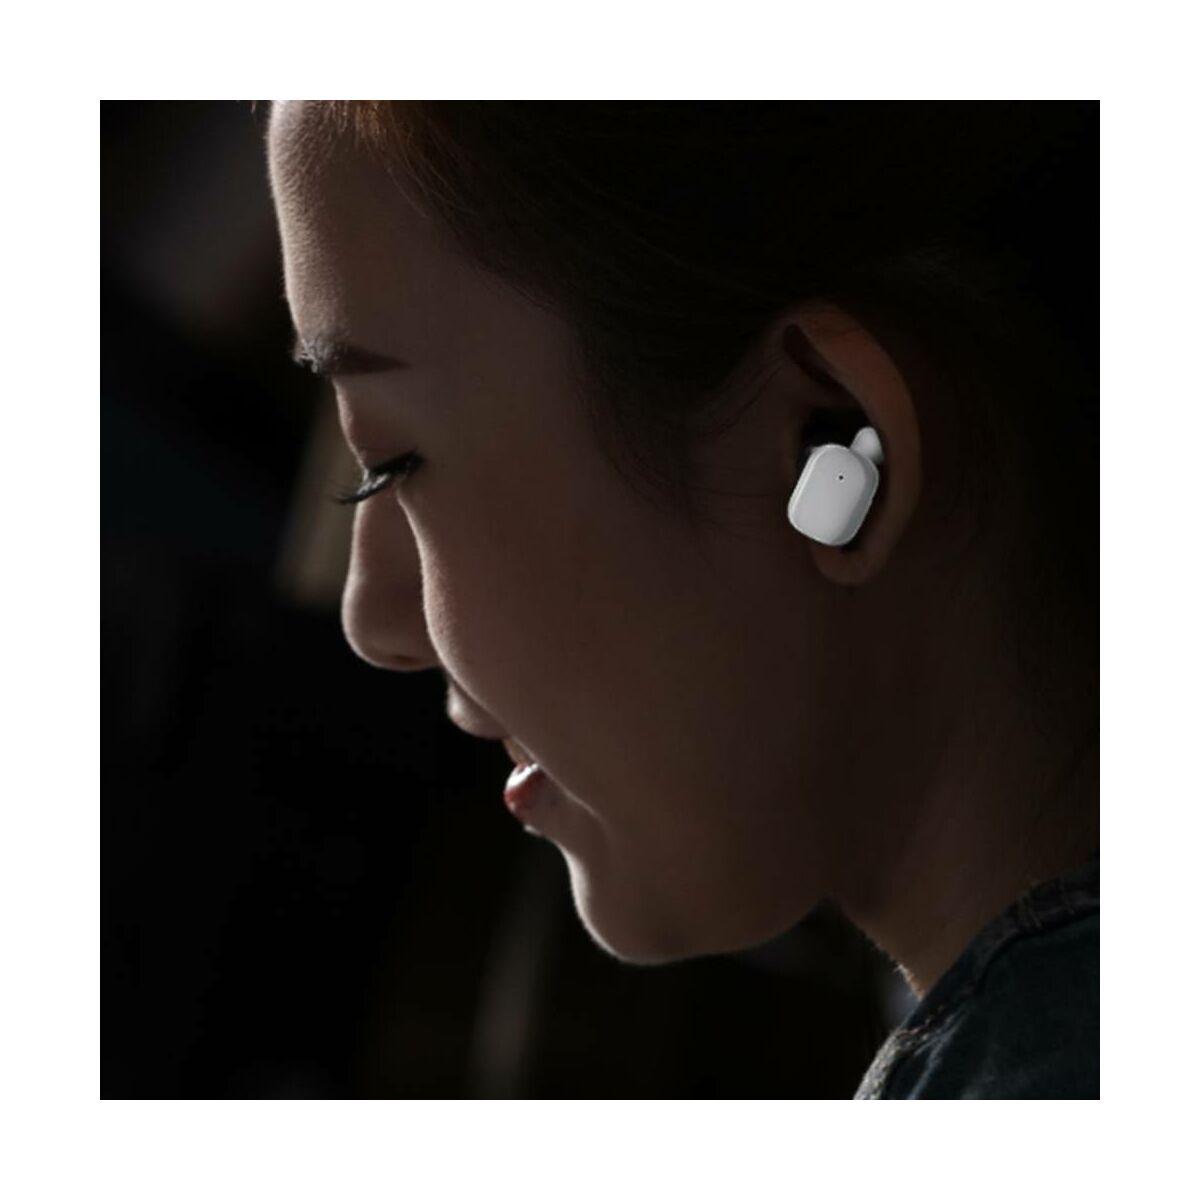 Baseus fülhallgató, Bluetooth Encok W02, Truly Wireless Touch Control, Binaural, zajcsökkentés, HD hang, BT 4.2, fehér (NGW02-02)